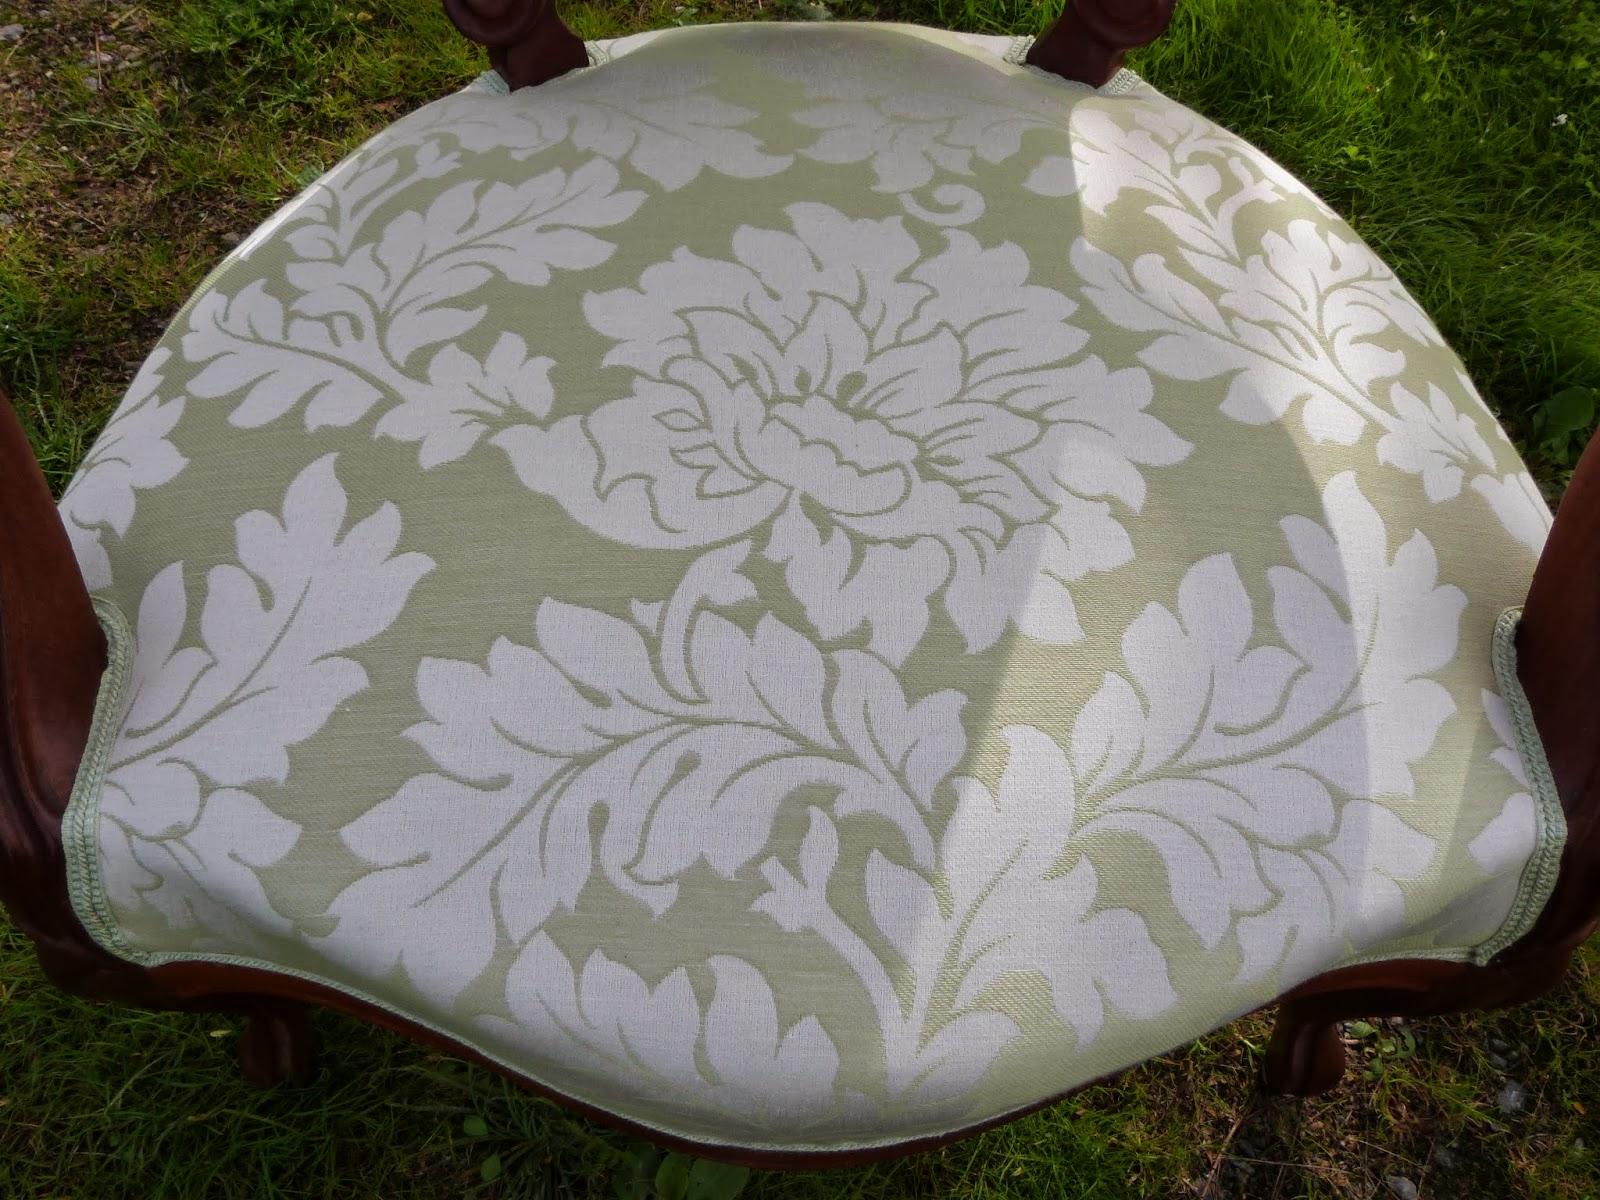 69 fauteuil louis philippe tissu toiles de mayenne les jolis si ges - Les toiles de mayenne ...